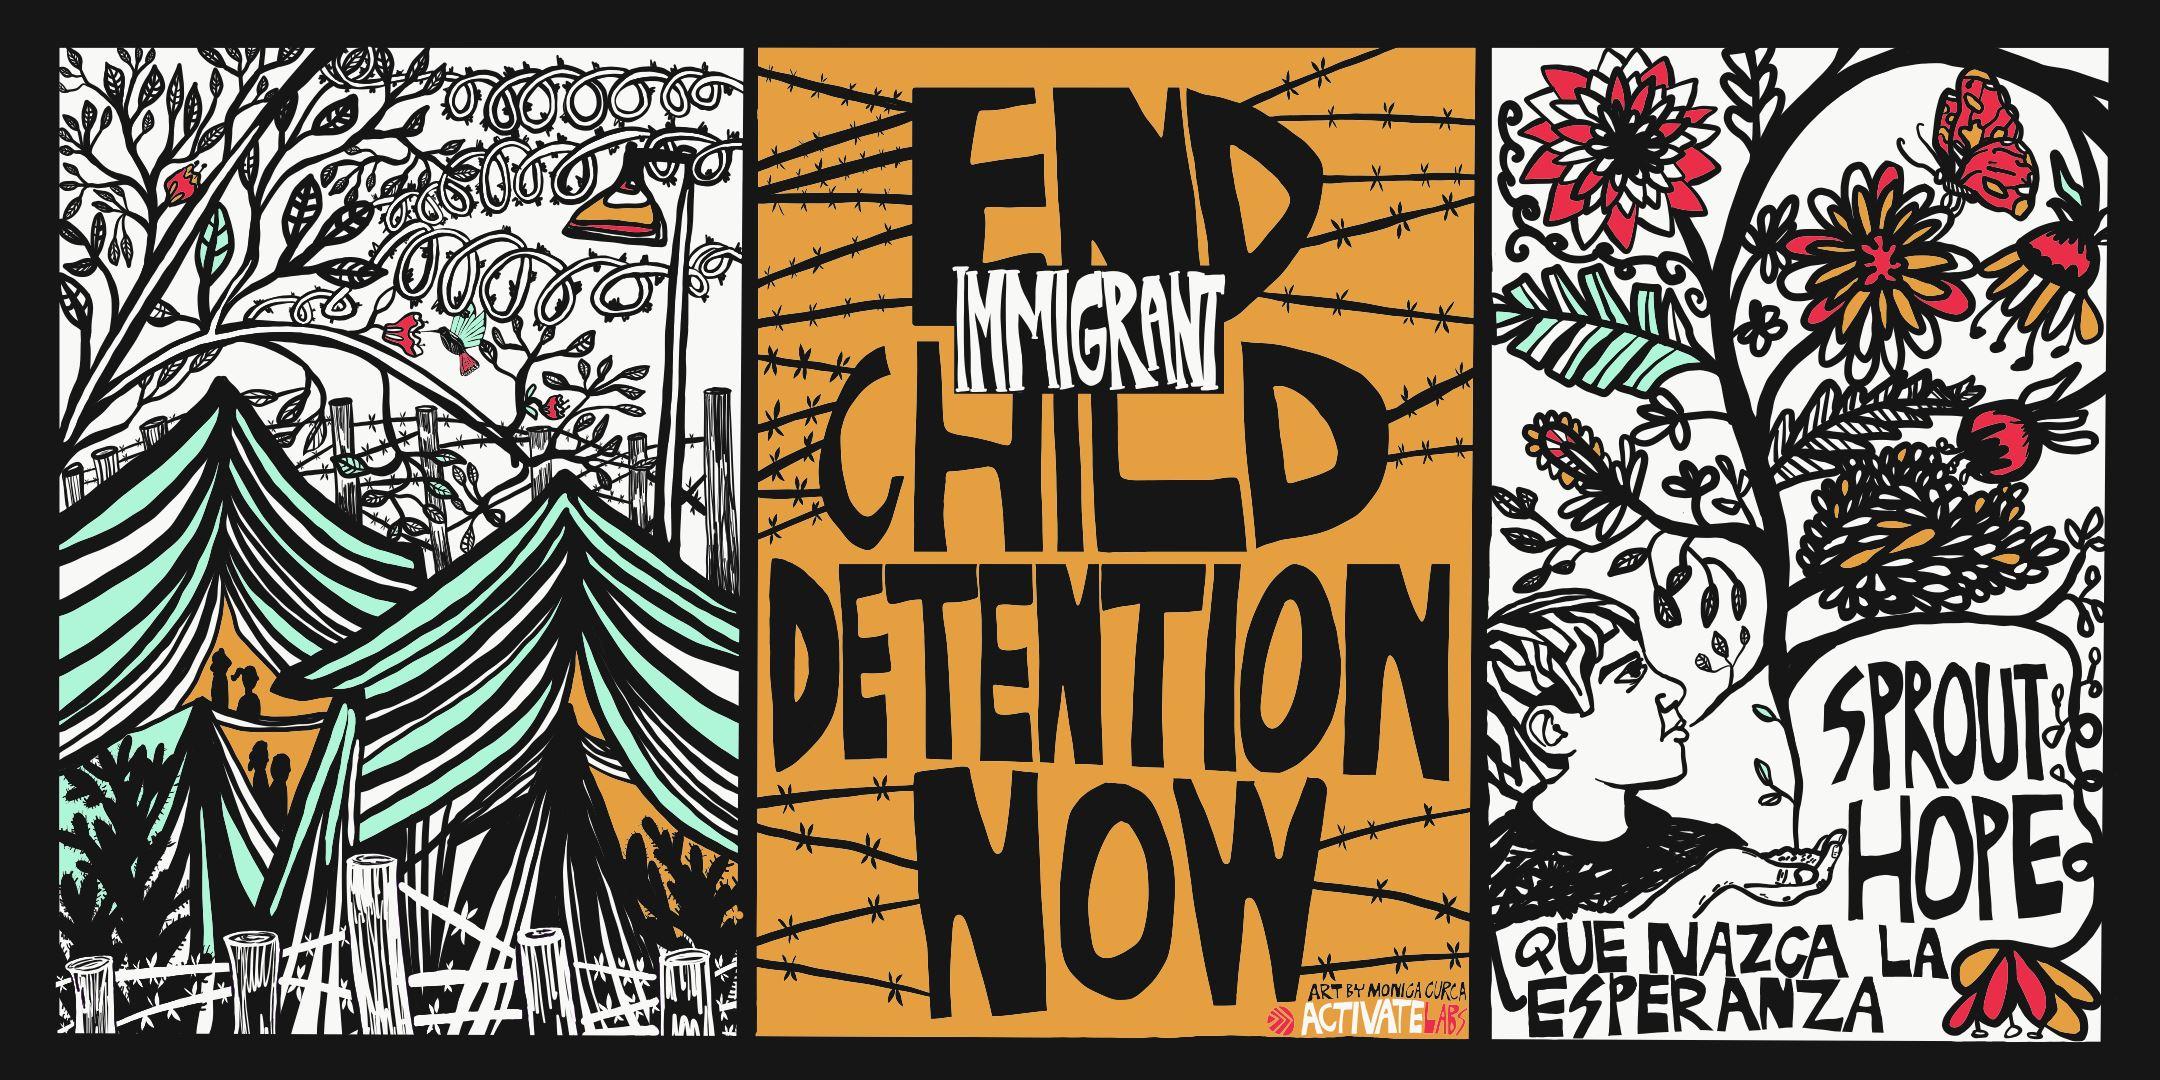 endimmigrantdetntion.jpg